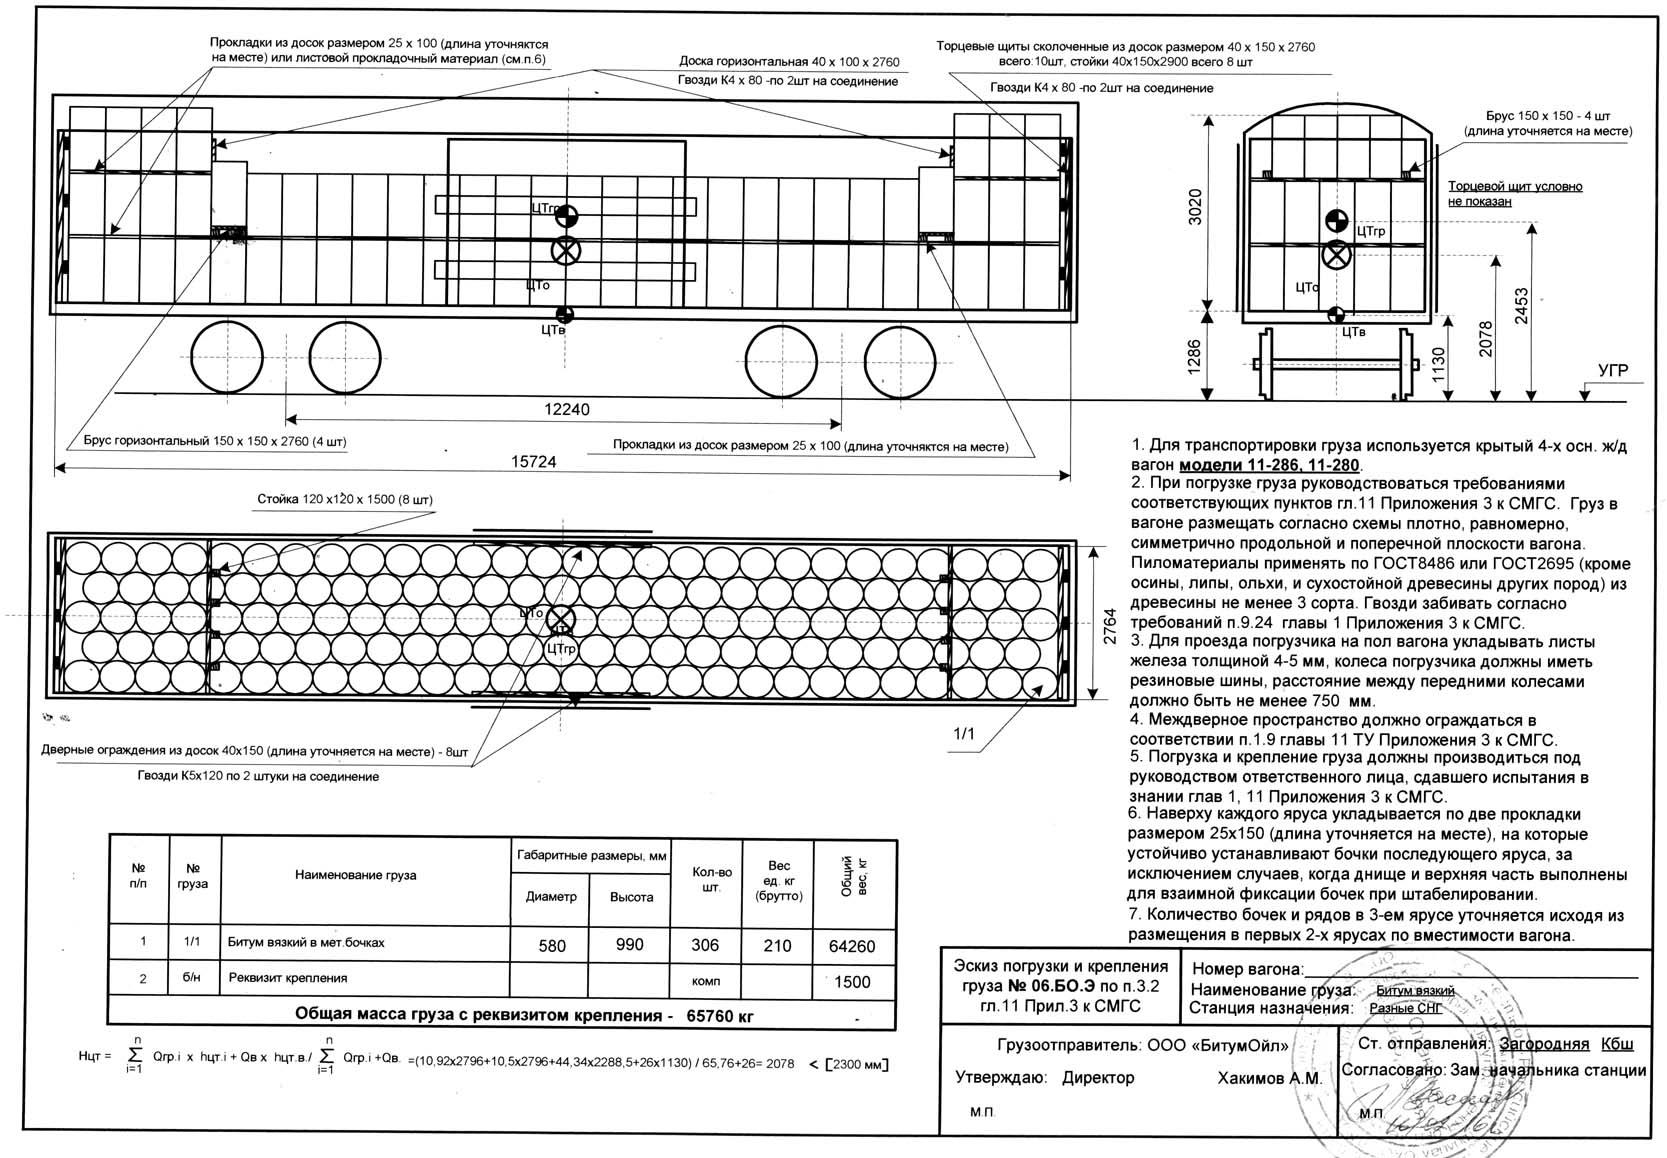 Схема размещения бочек в крытом вагоне